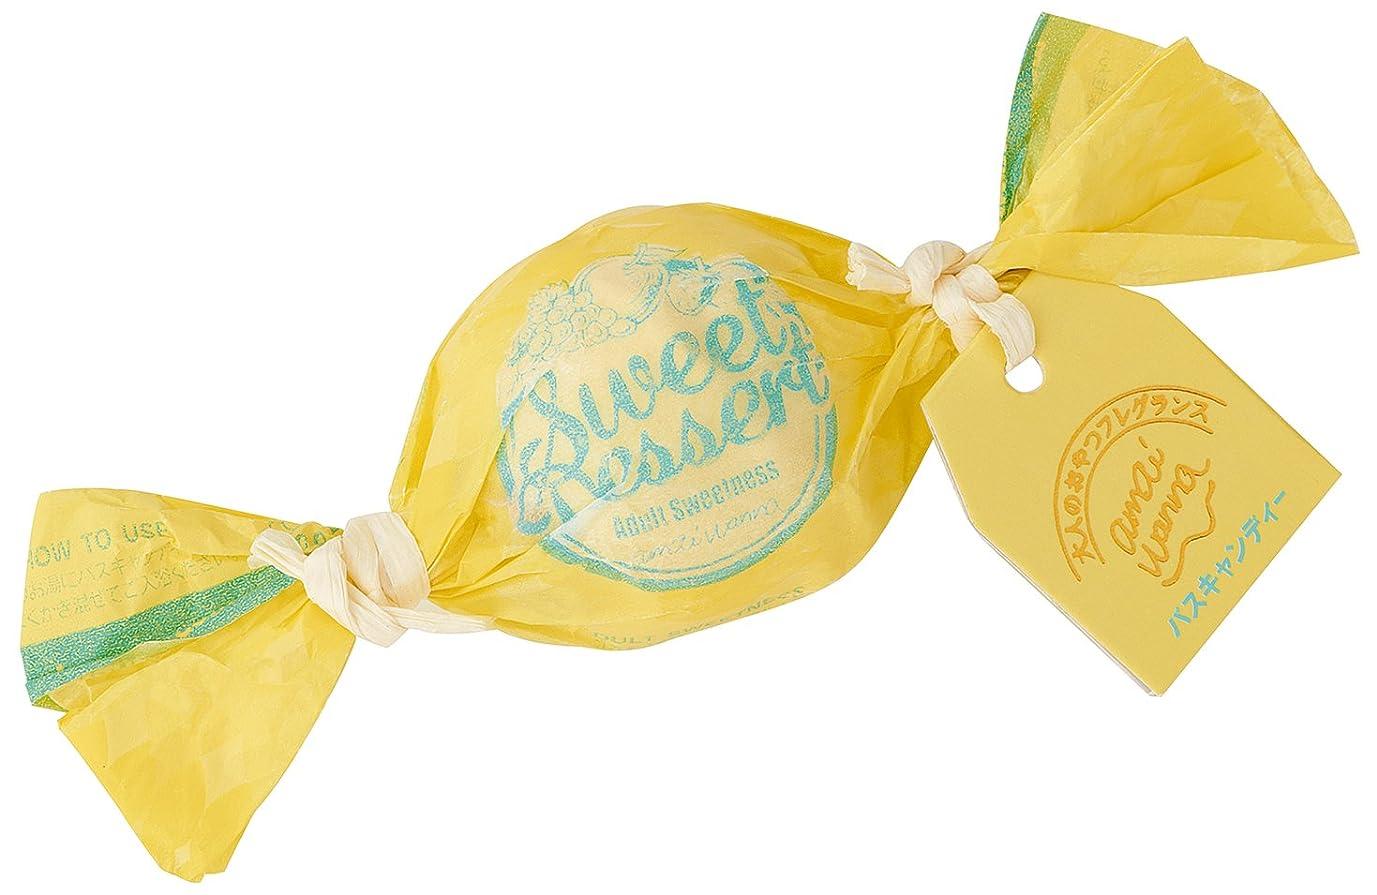 テレマコス高原可愛いアマイワナ バスキャンディー35g×12粒 大人の甘美デザート(発泡タイプ入浴料 フローラルと果実の香り)